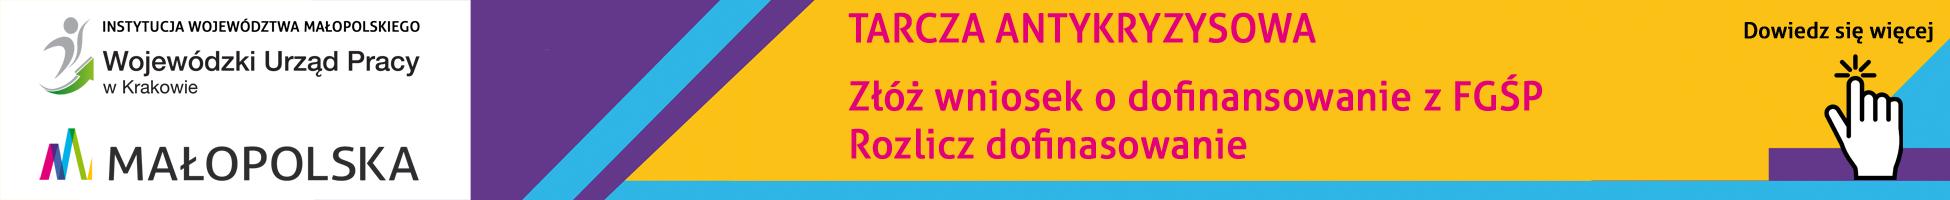 Koronawirus. Działanie WUP w Krakowie podczas epidemii. Sprawdź naszą ofertę